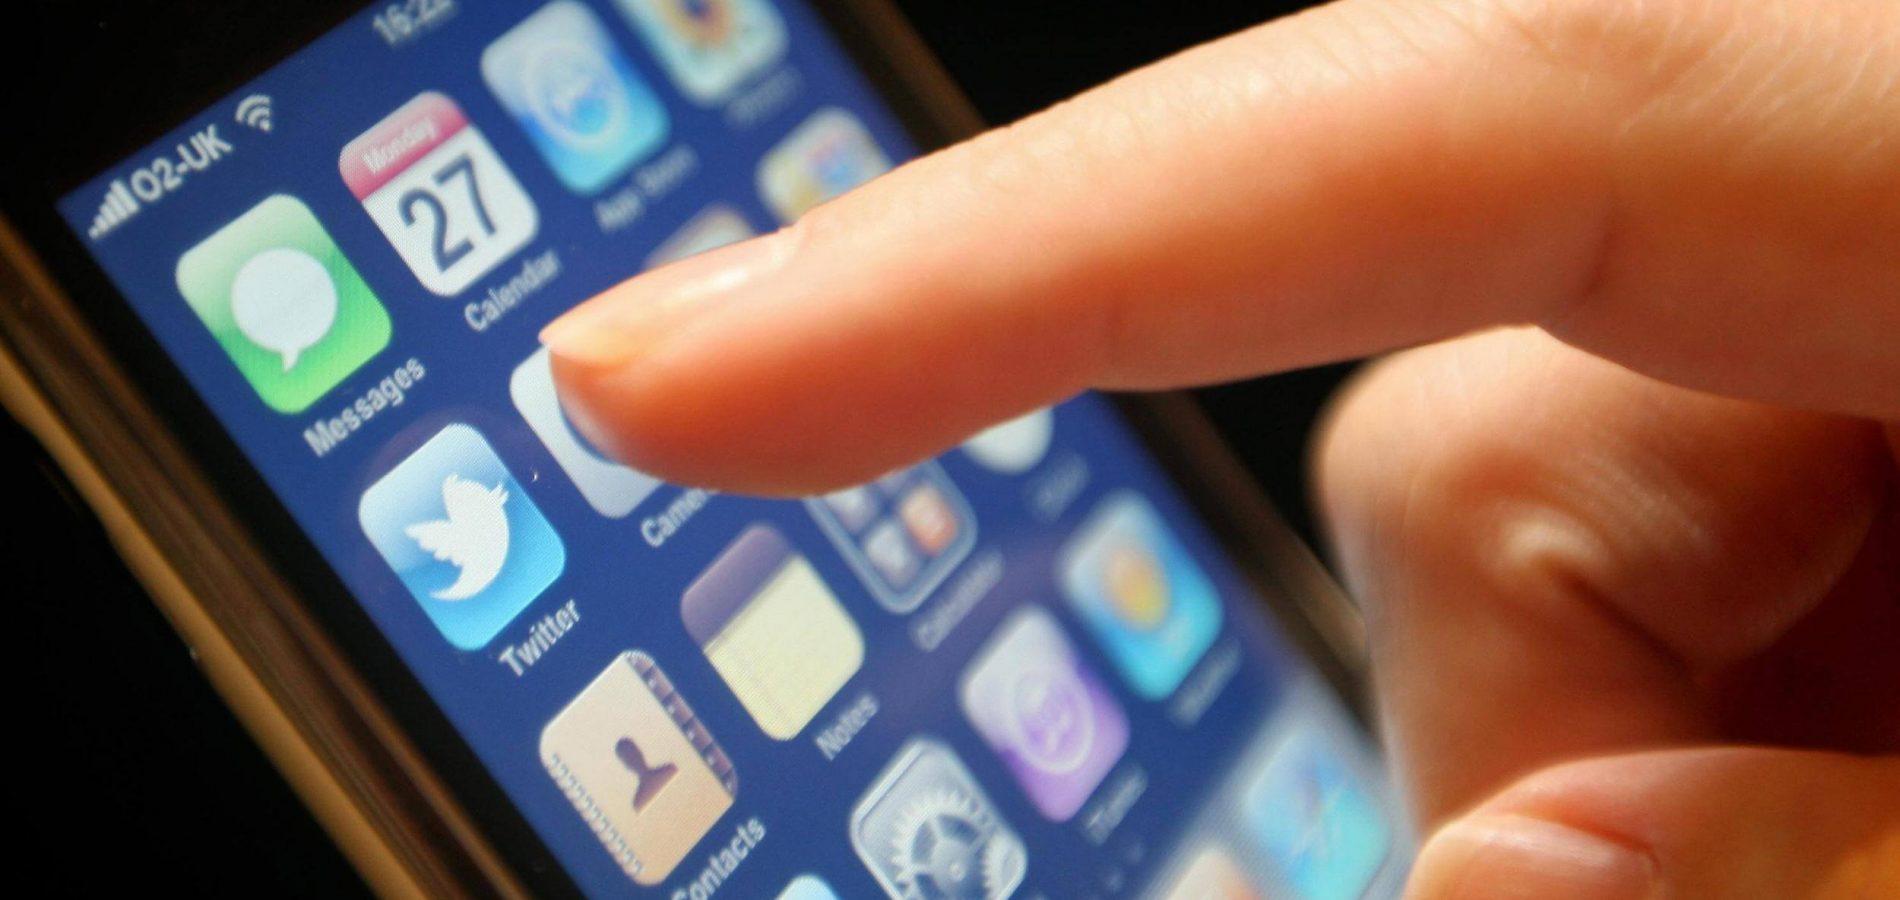 Inscritos no concurso da PM-PI não podem levar celular no dia da prova